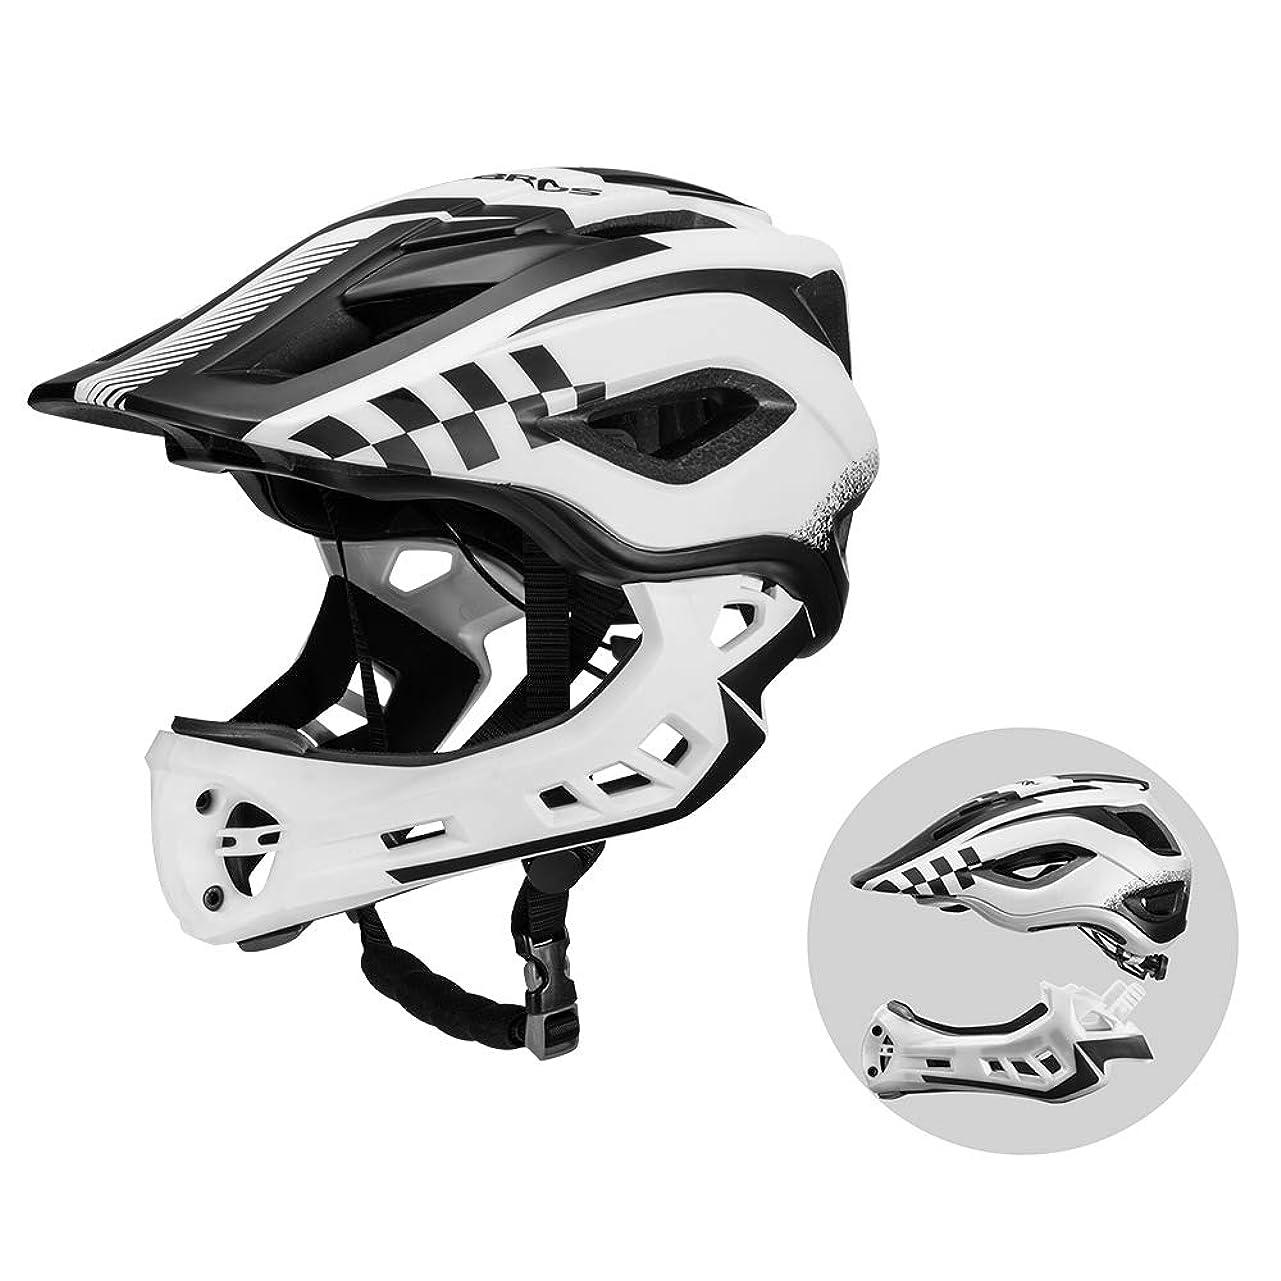 バルーンリムカウントアップROCKBROS(ロックブロス)キッズ オフロード ヘルメット 子供用 バイク ヘルメット 超軽量 高剛性 S(50-54cm)/M(54-58cm)